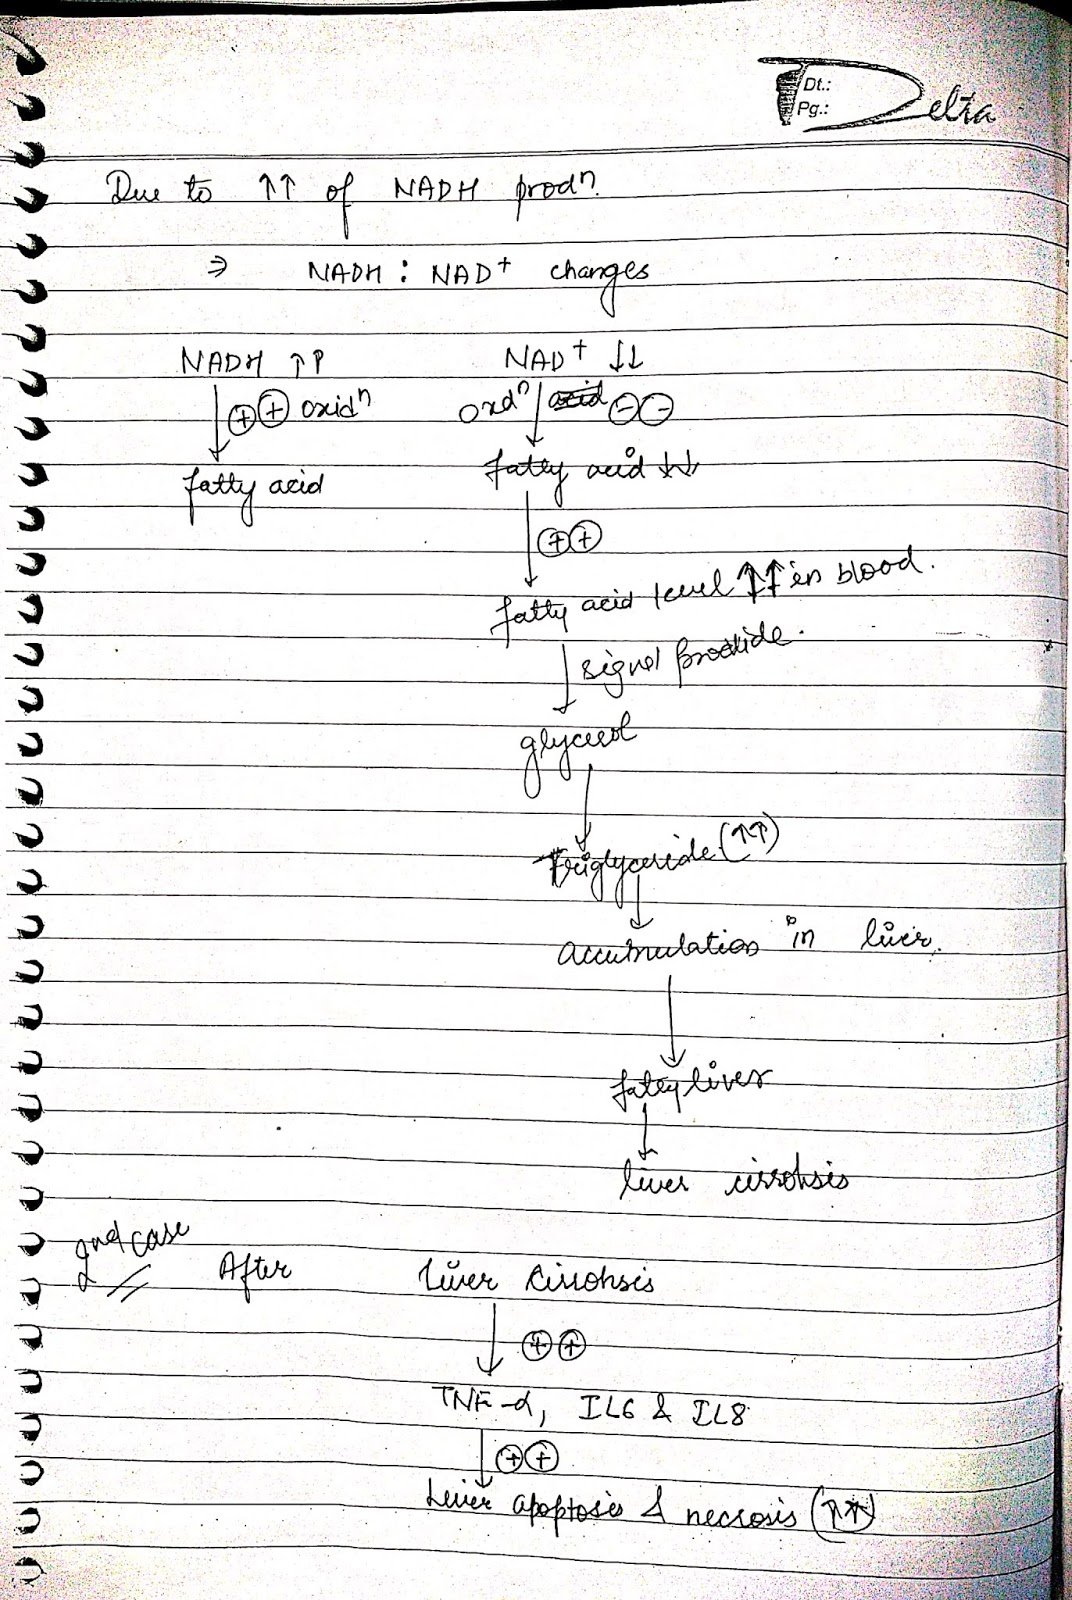 pathophysiology - alcohola liver cirrhosis